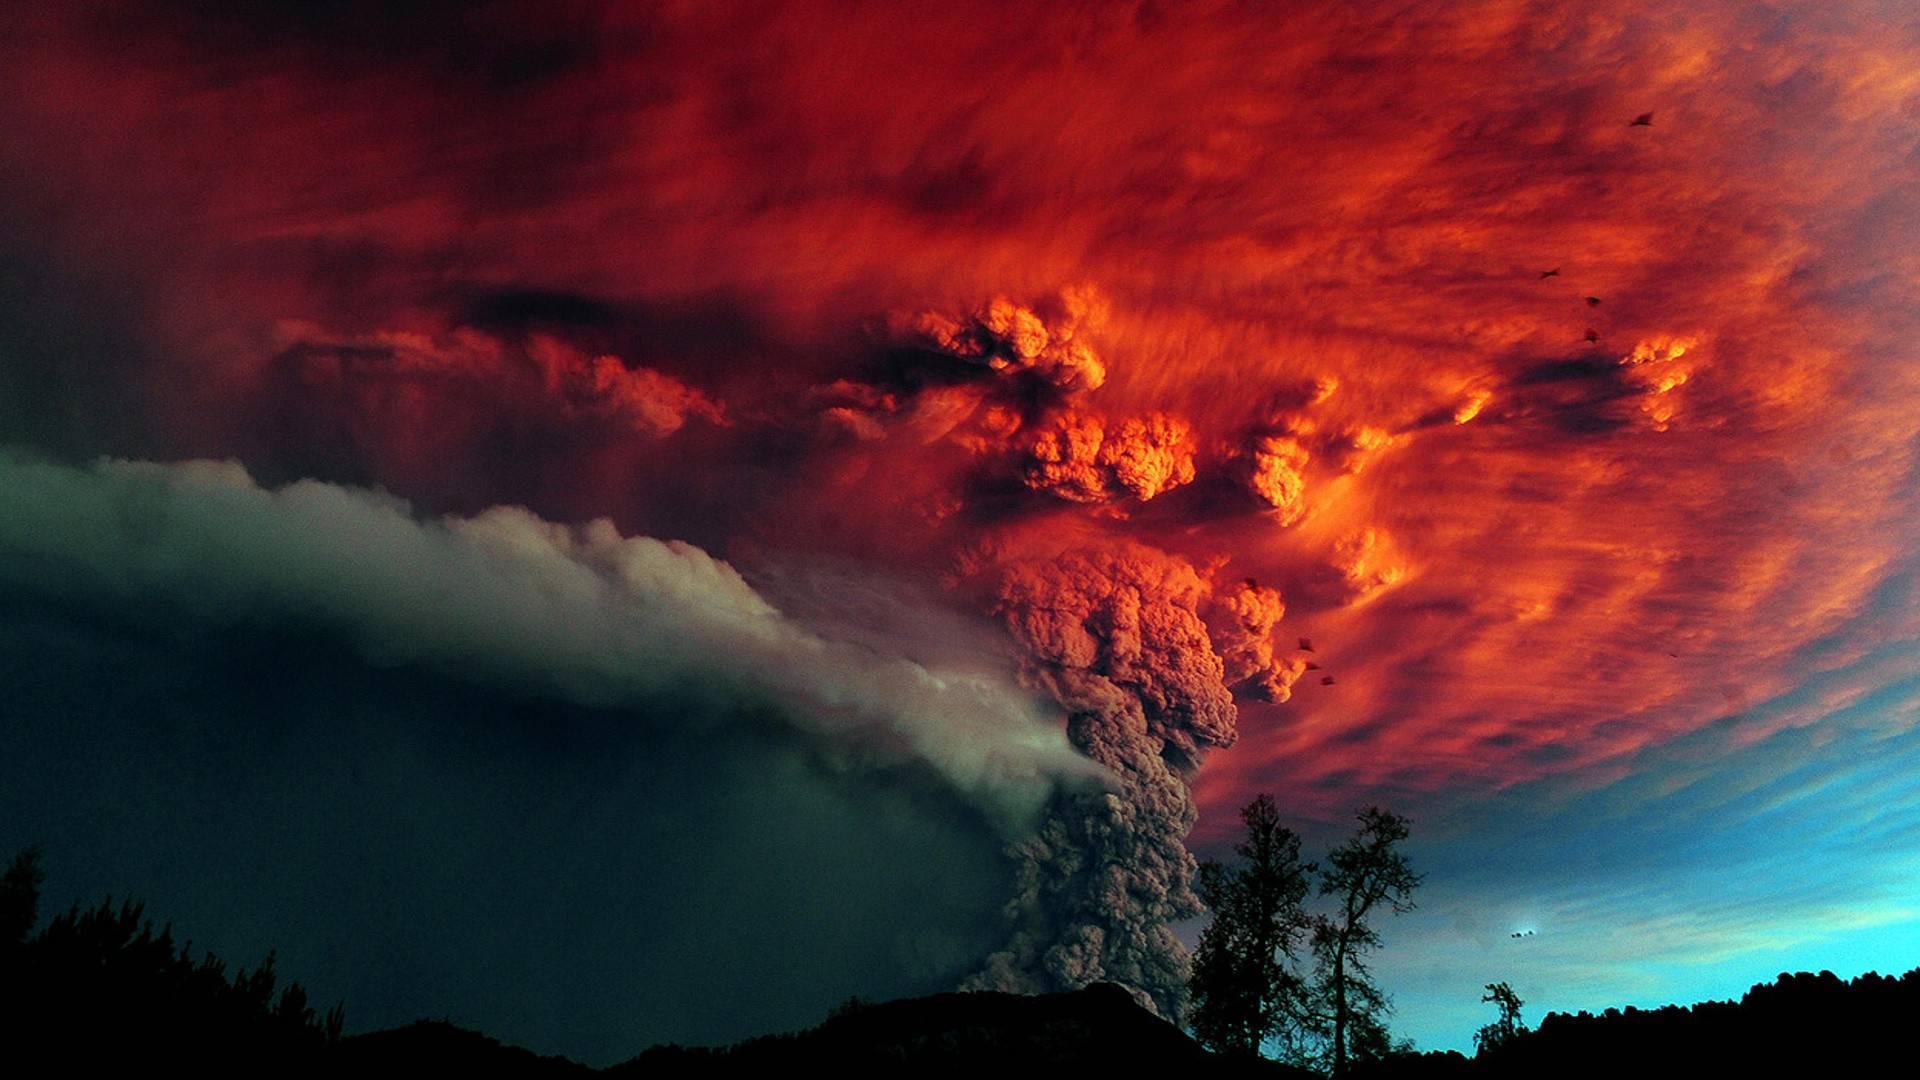 Volcano Wallpapers 1920x1080